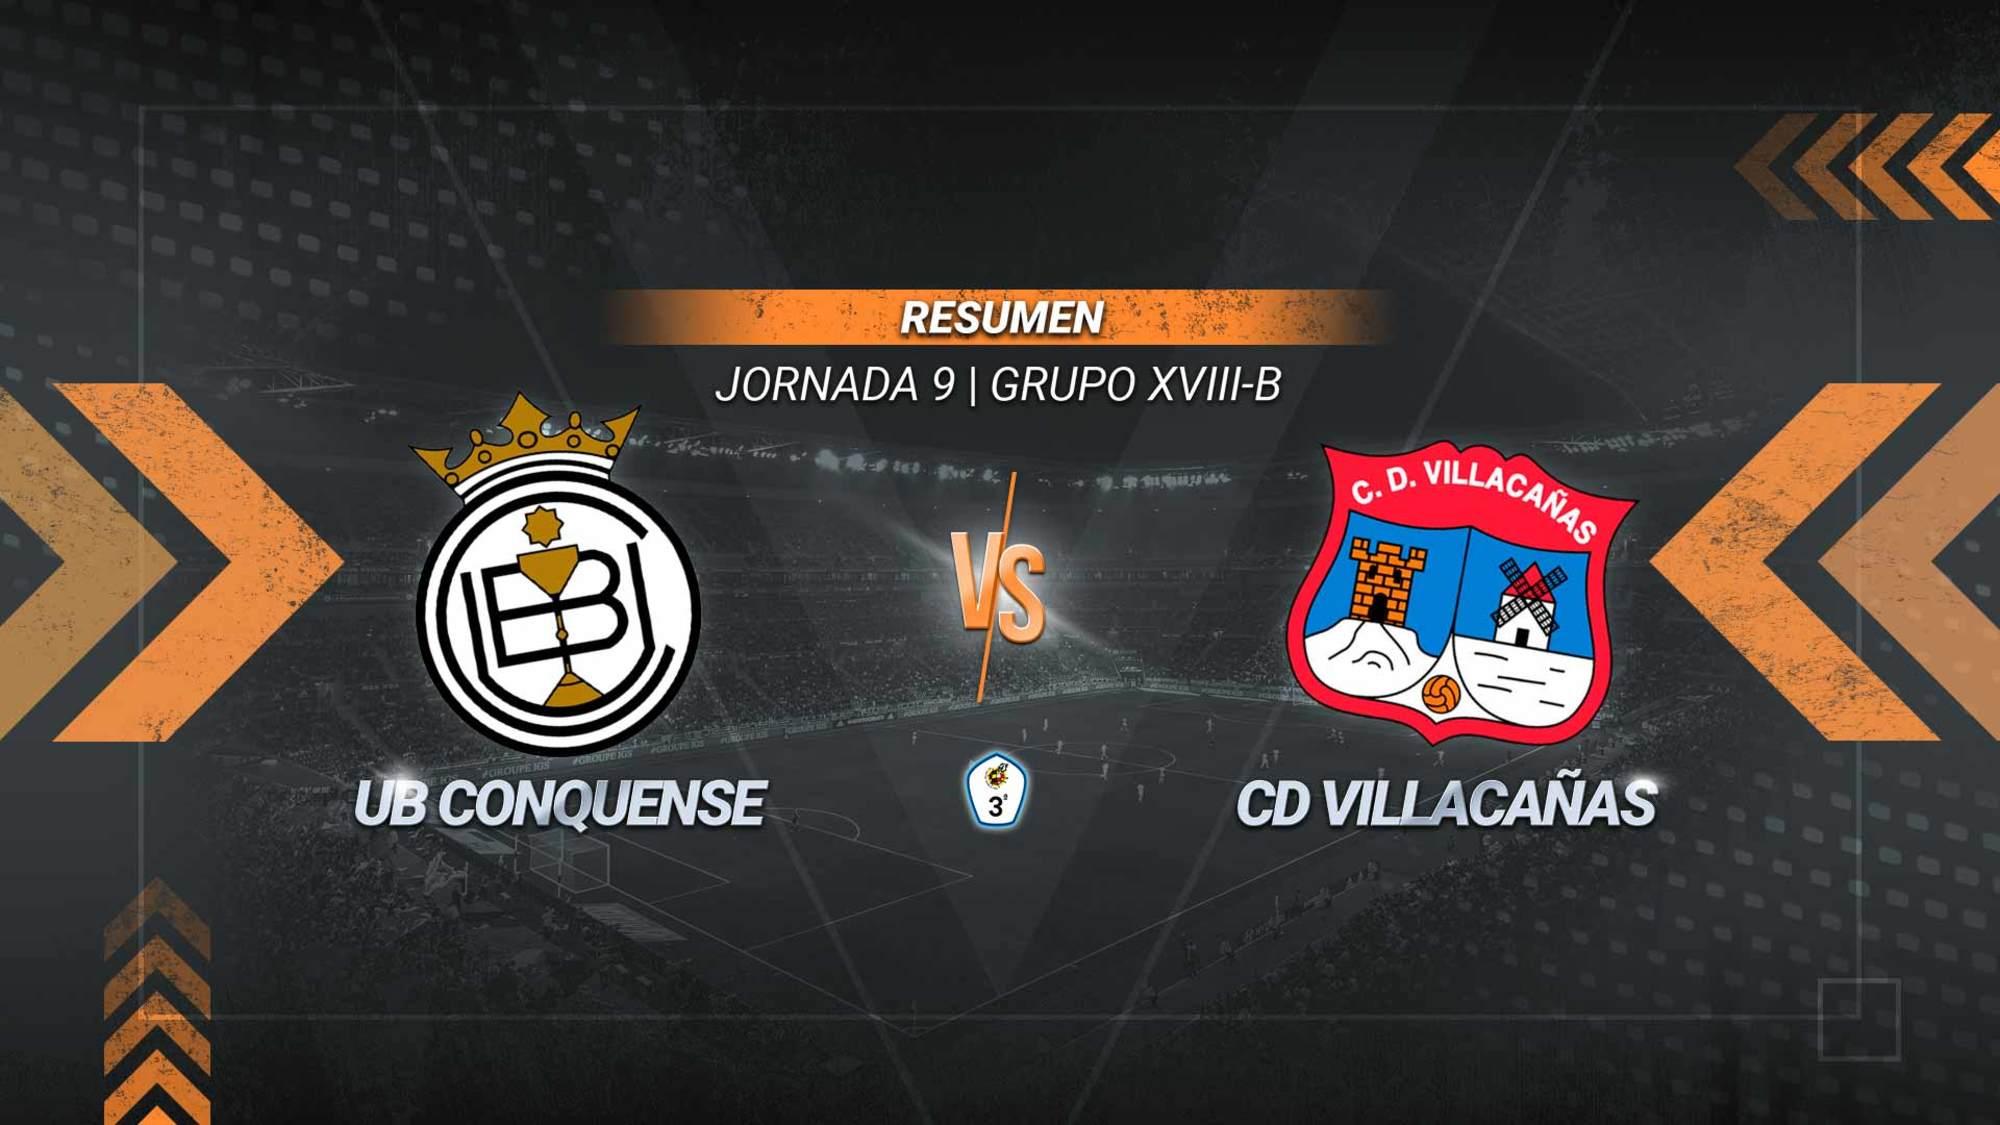 El Villacañas conquista La Fuensanta y suma su quinto triunfo consecutivo. Los goles de Álex González y Ibou en la segunda parte permiten a los villacañeros alcanzar los 17 puntos. El Conquense se queda con 12.